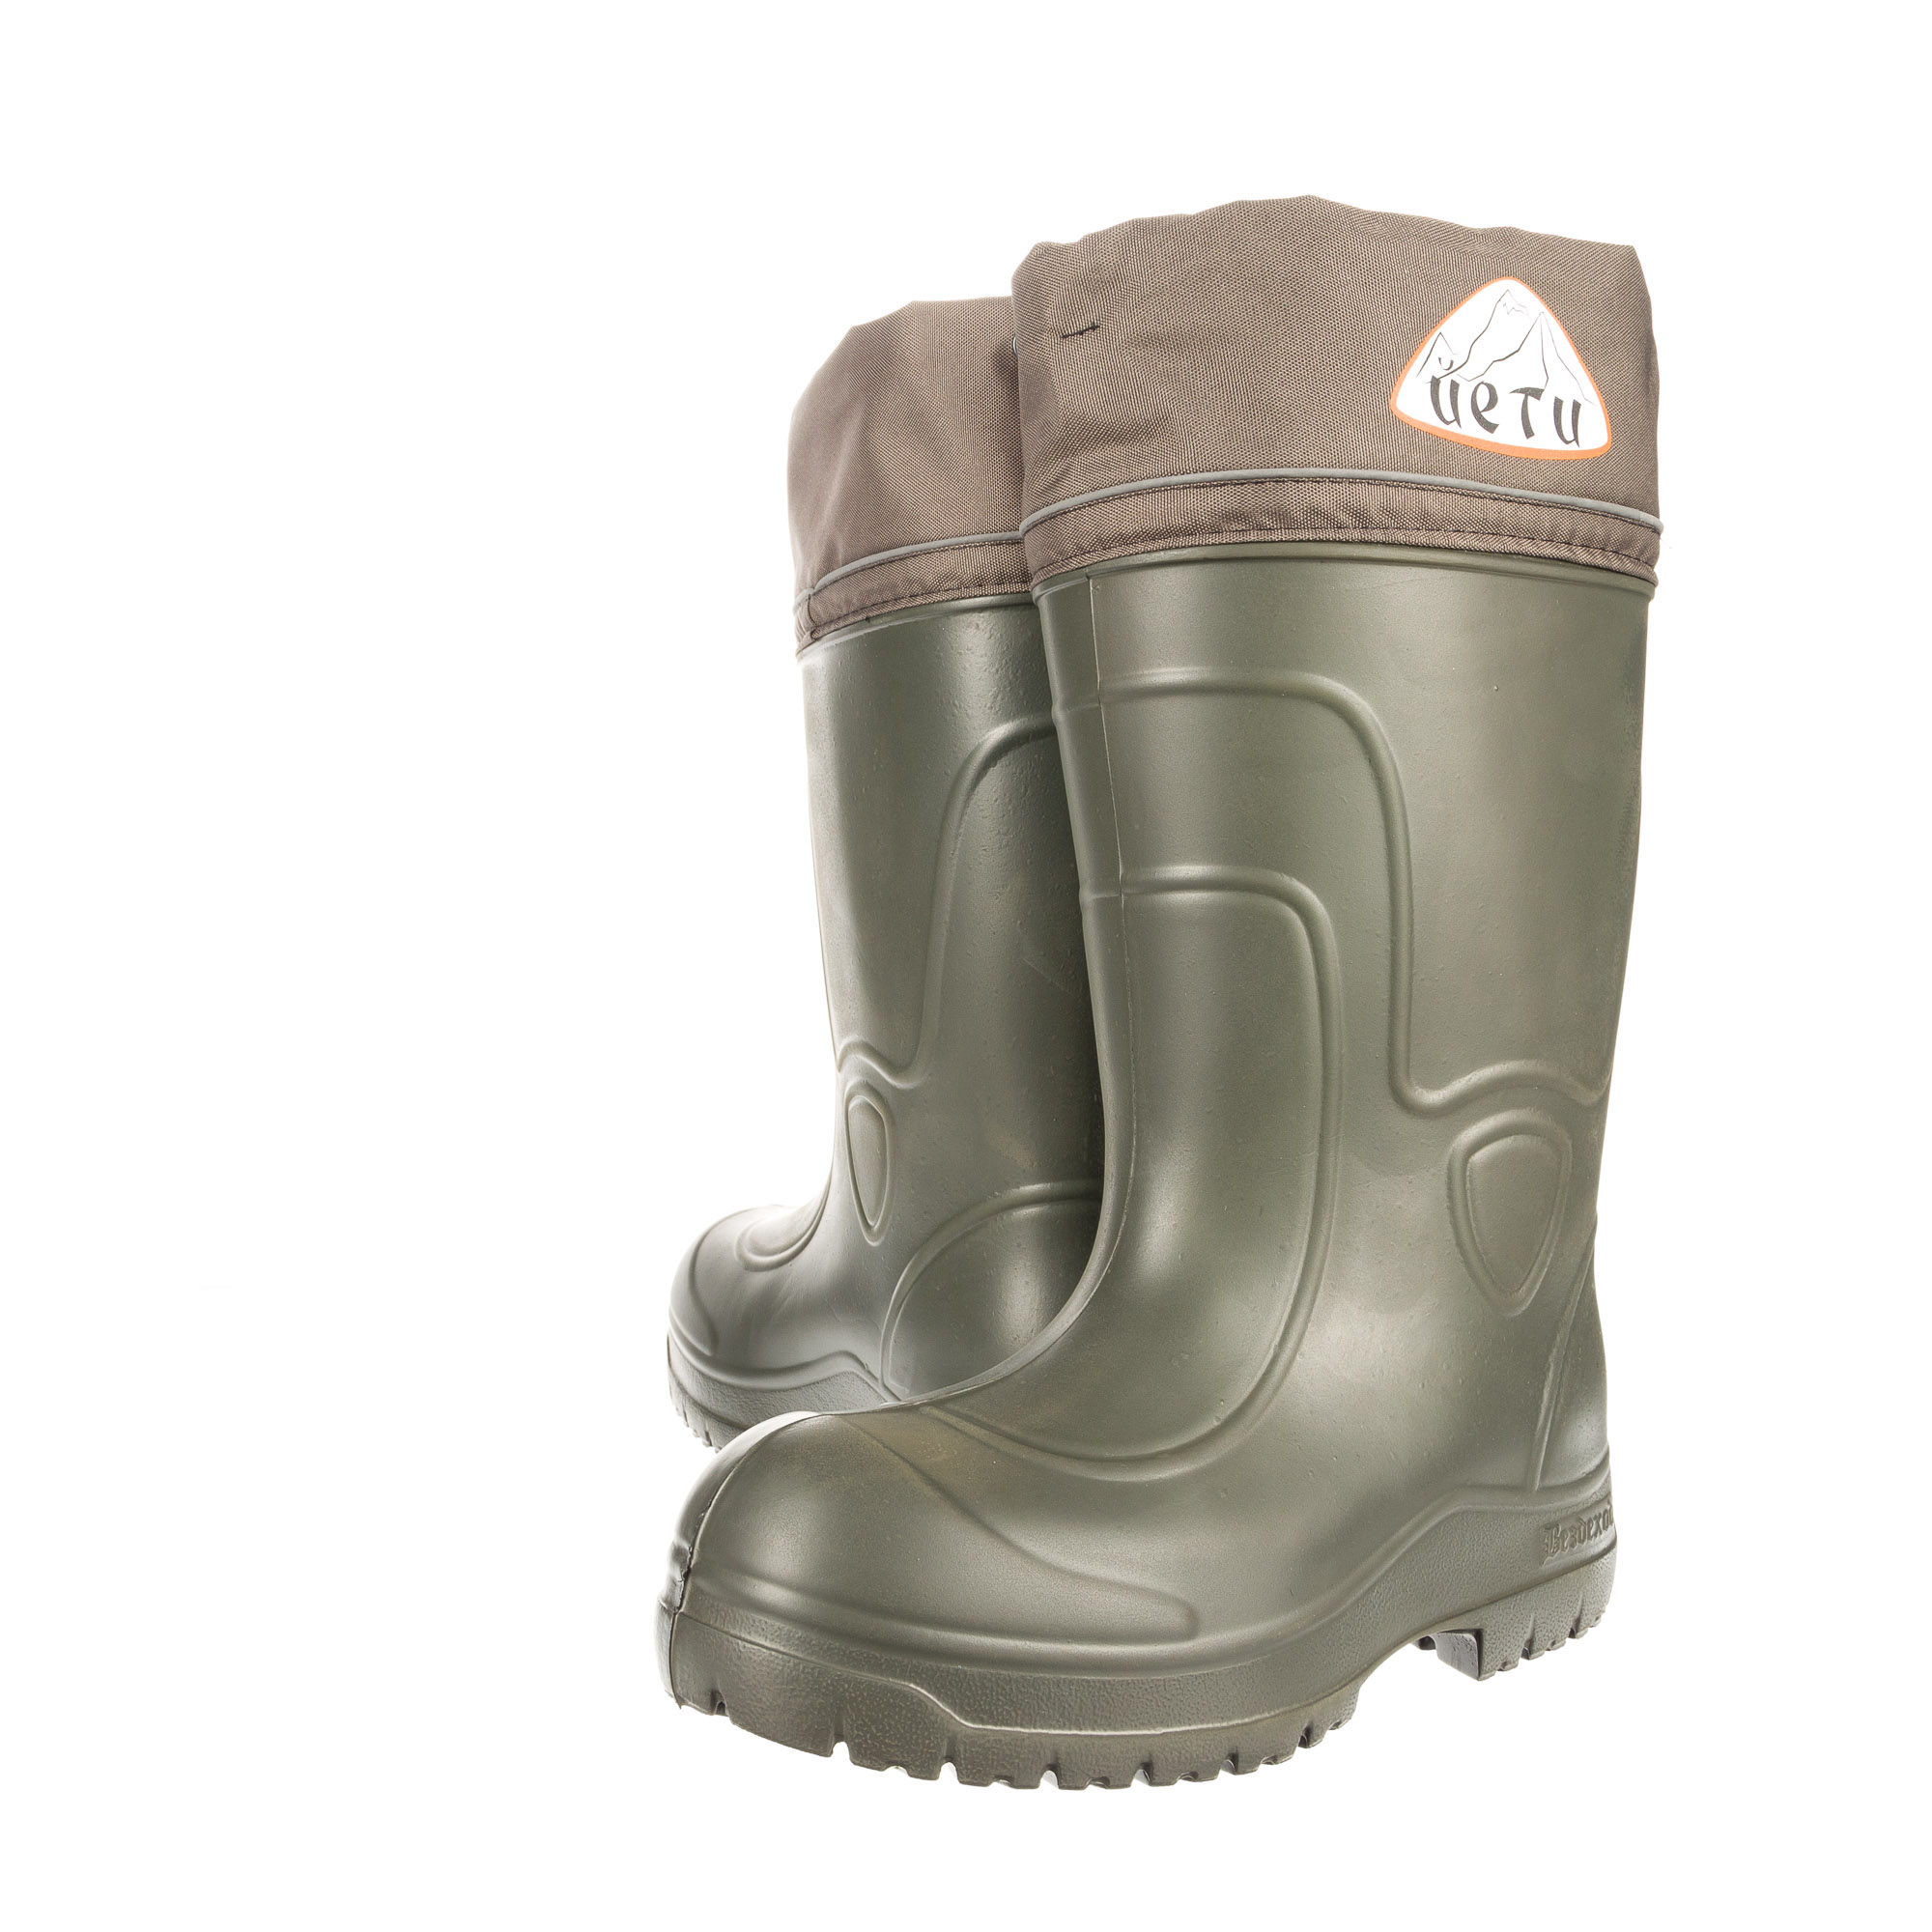 9a1851d6f Сапоги Йети СВ-75 - мужские сапоги из ЭВА (EVA) с утеплителем -  ЛПО-Вездеход-производство резиновой обуви,обуви для рыбаков и охотников, обуви из ЭВА